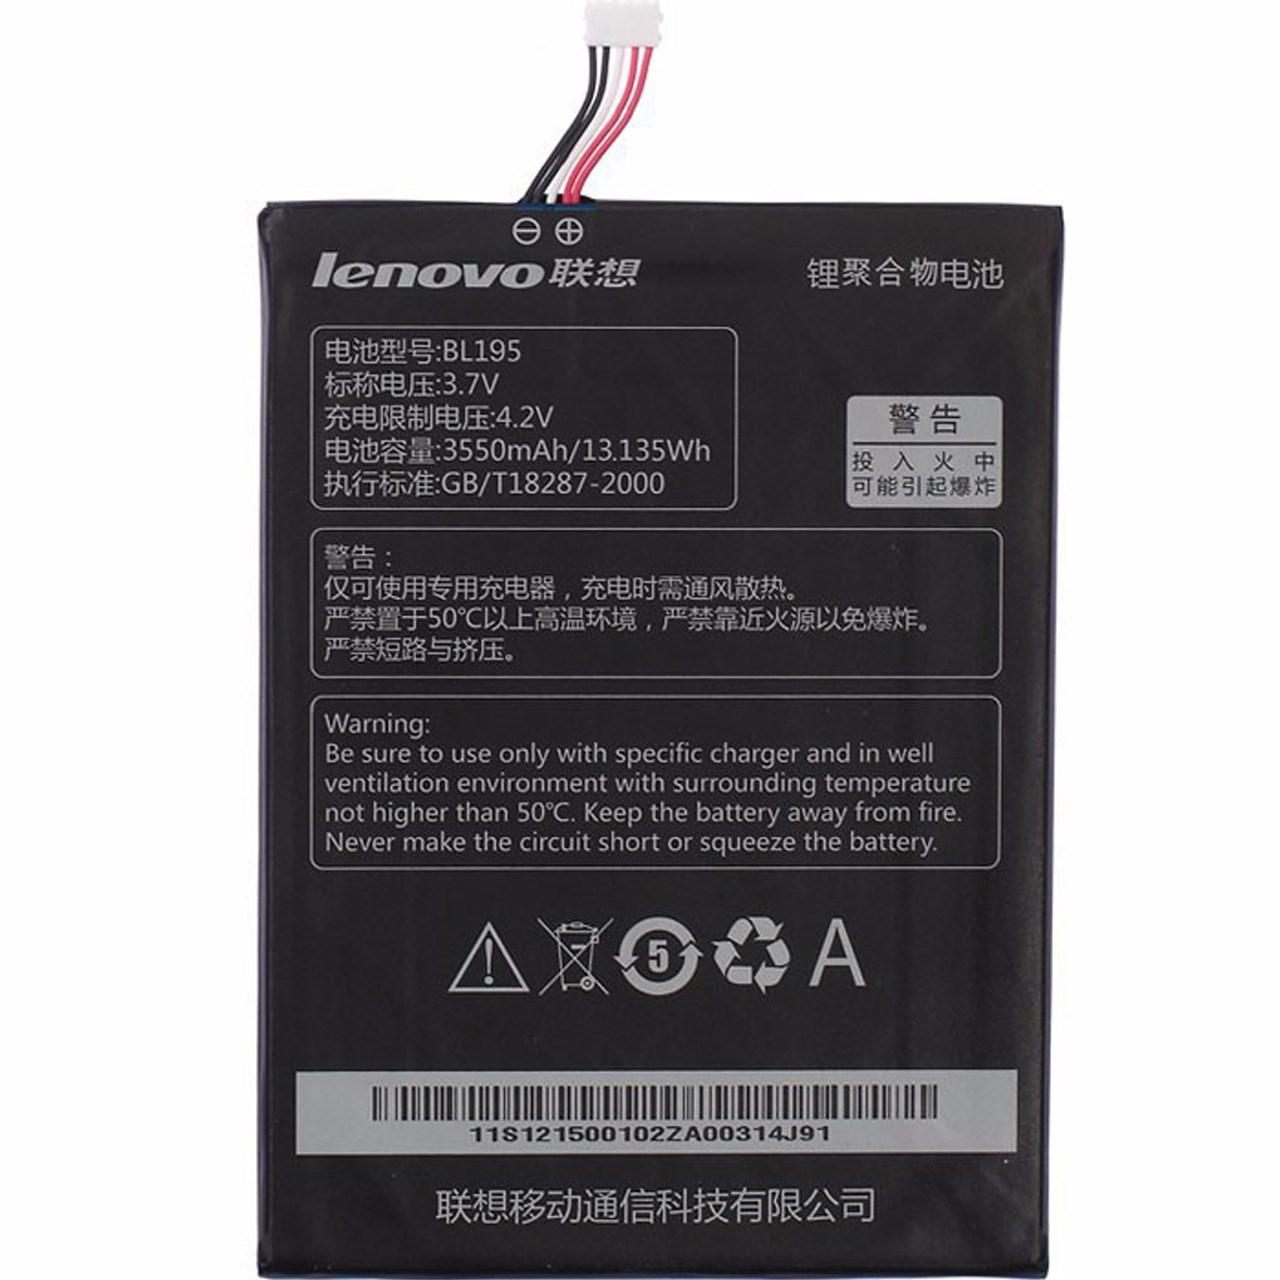 باتری تبلت مدل BL195 L12T1P31 با ظرفیت 3550mAh مناسب برای تبلت لنوو Idea Tab A2107